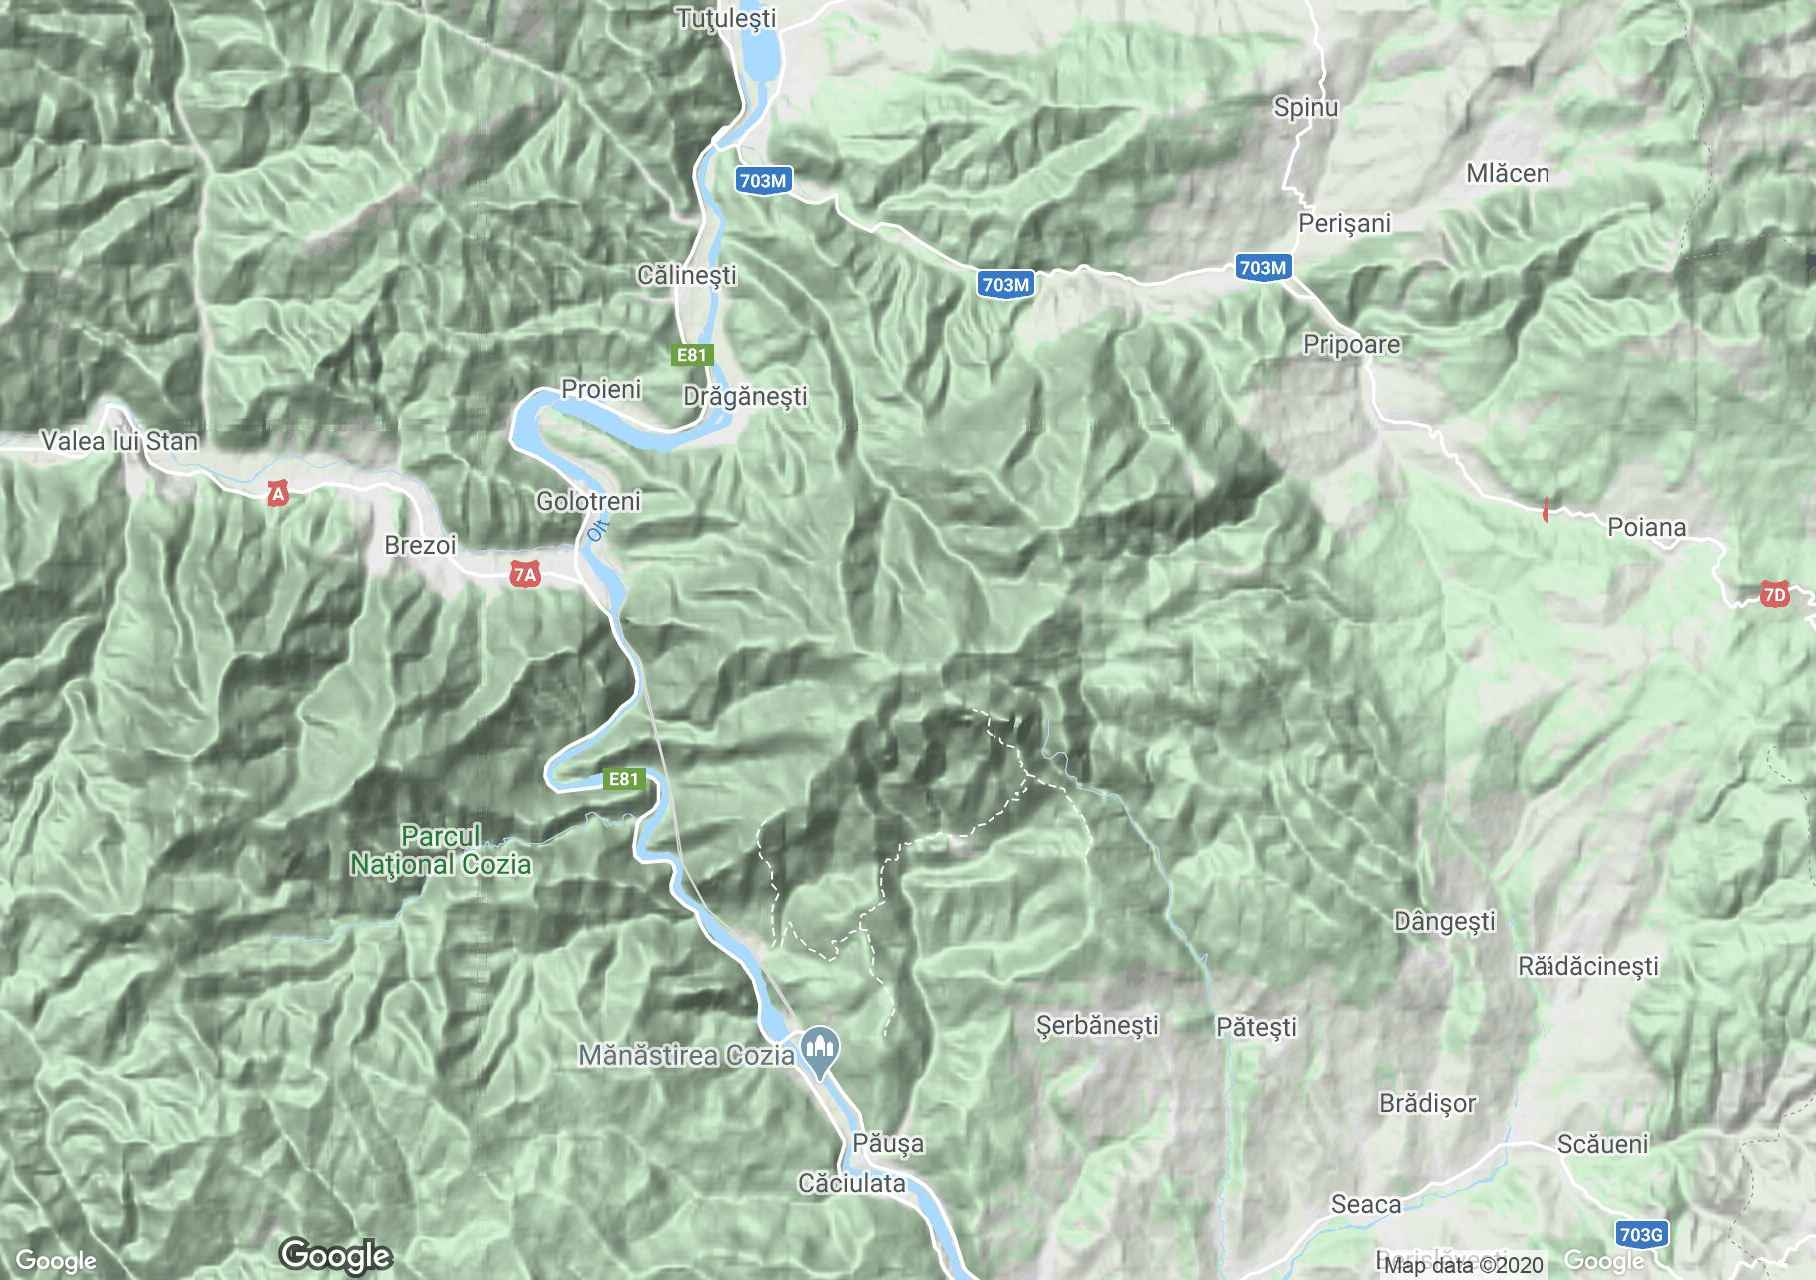 Cozia-hegység interaktív turista térképe.